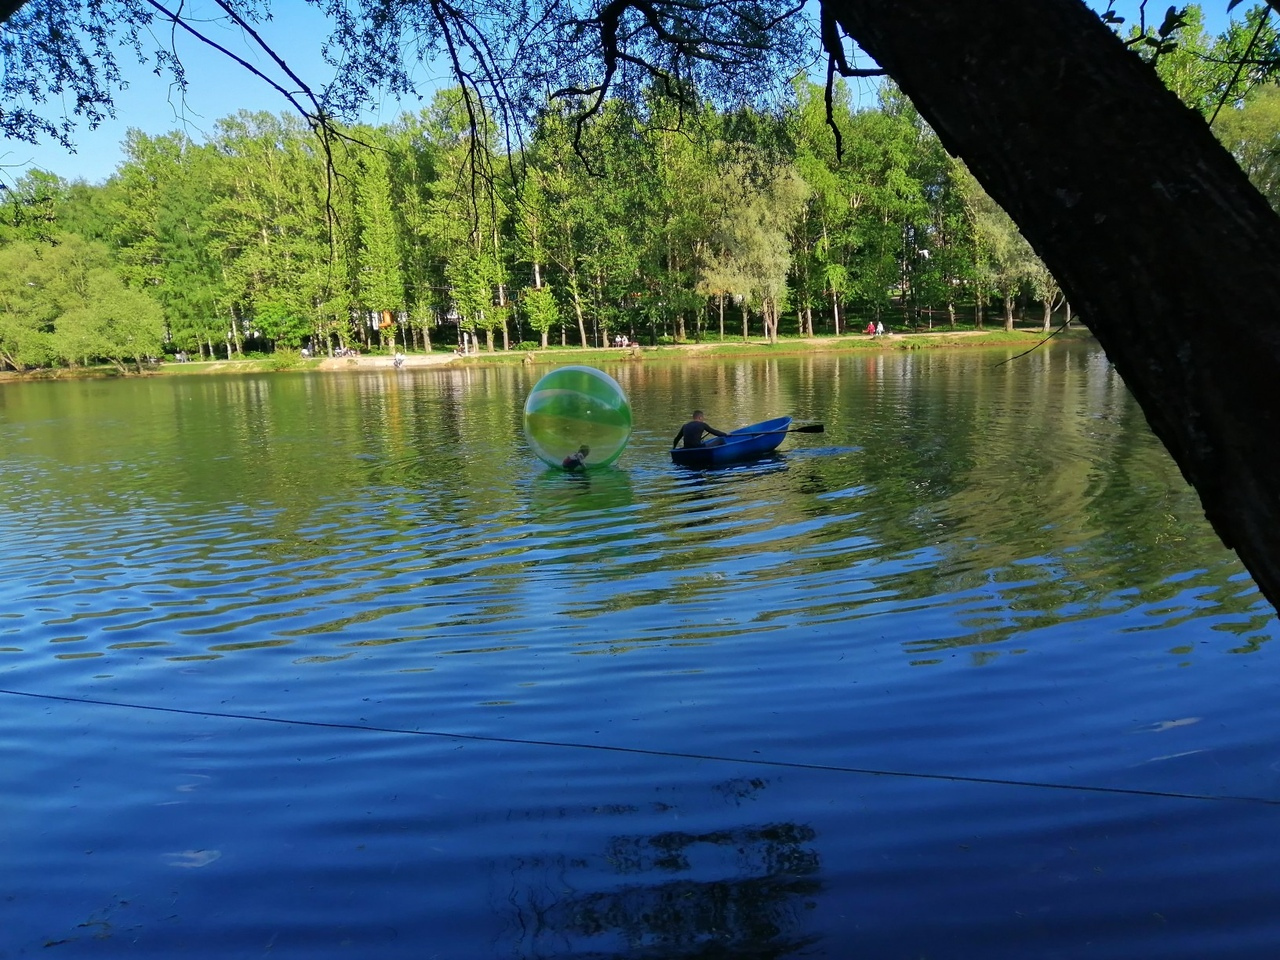 В Ярославле маленького ребенка унесло на зорбе на середину пруда